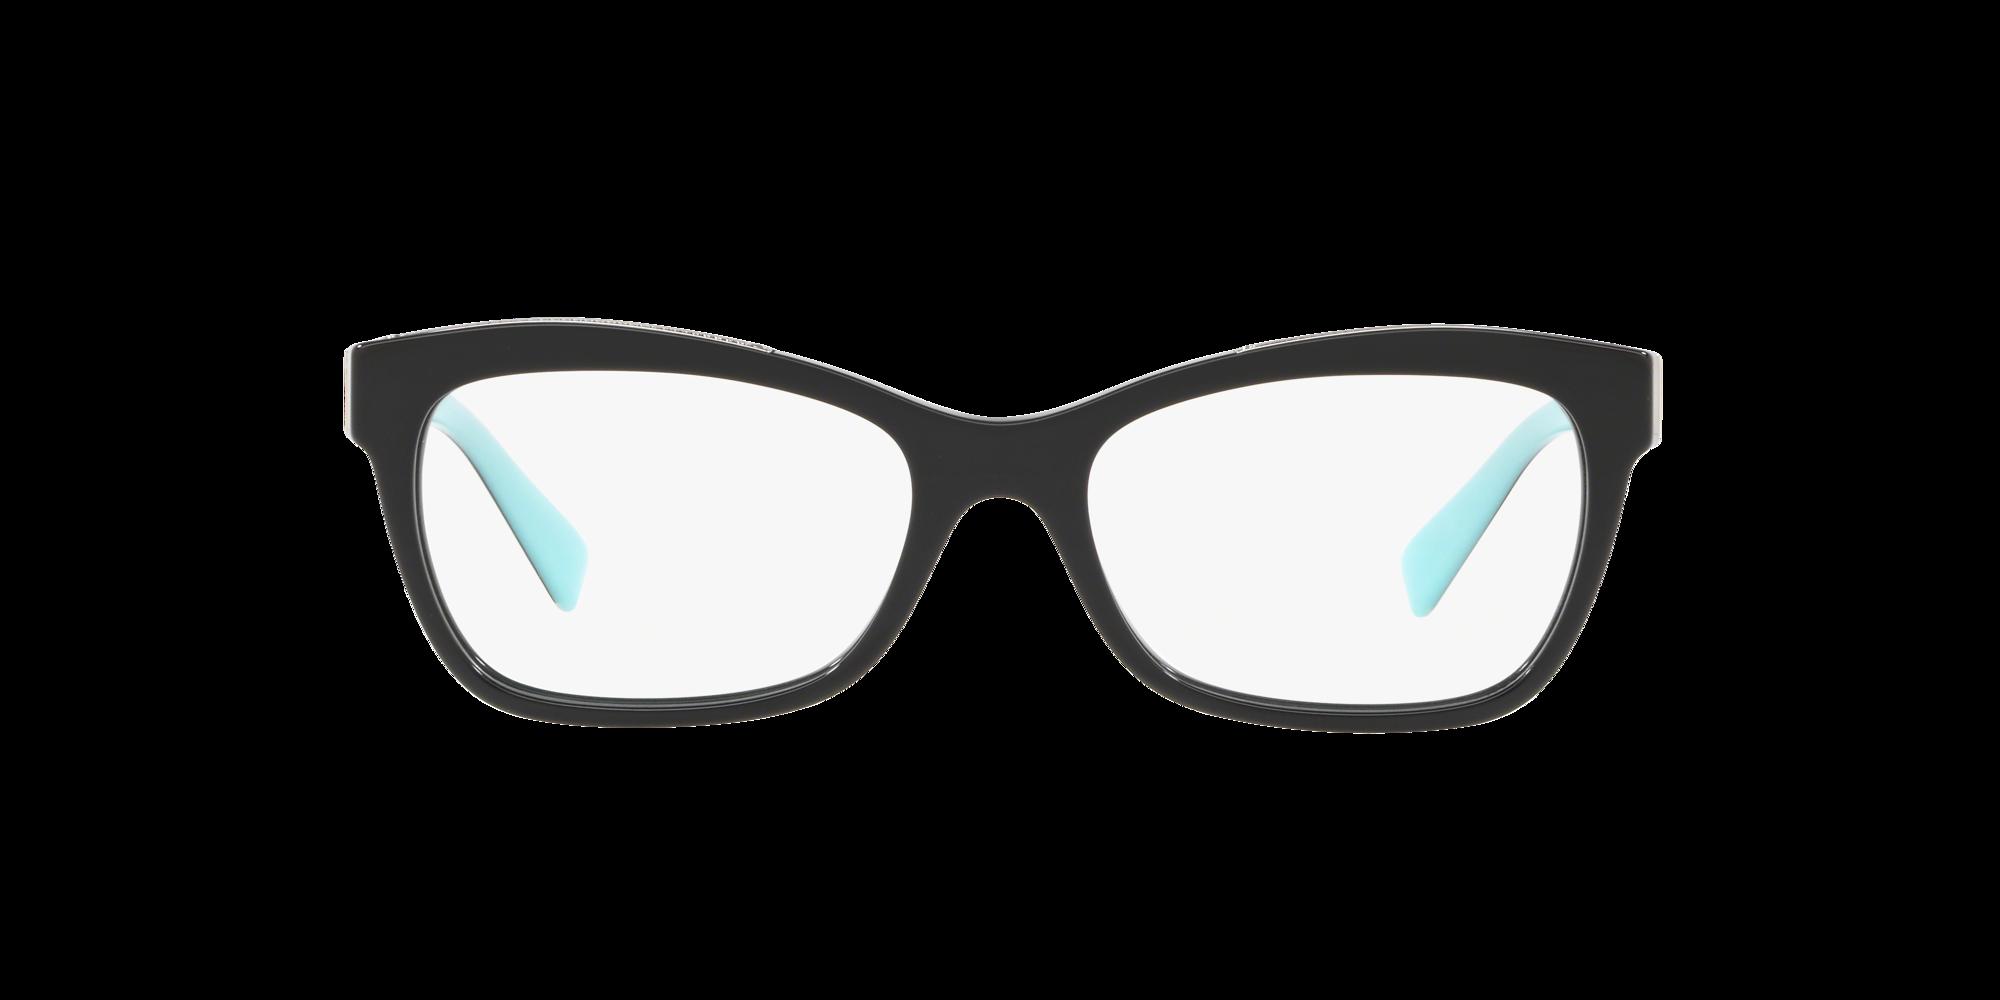 Imagen para TF2167 de LensCrafters |  Espejuelos, espejuelos graduados en línea, gafas